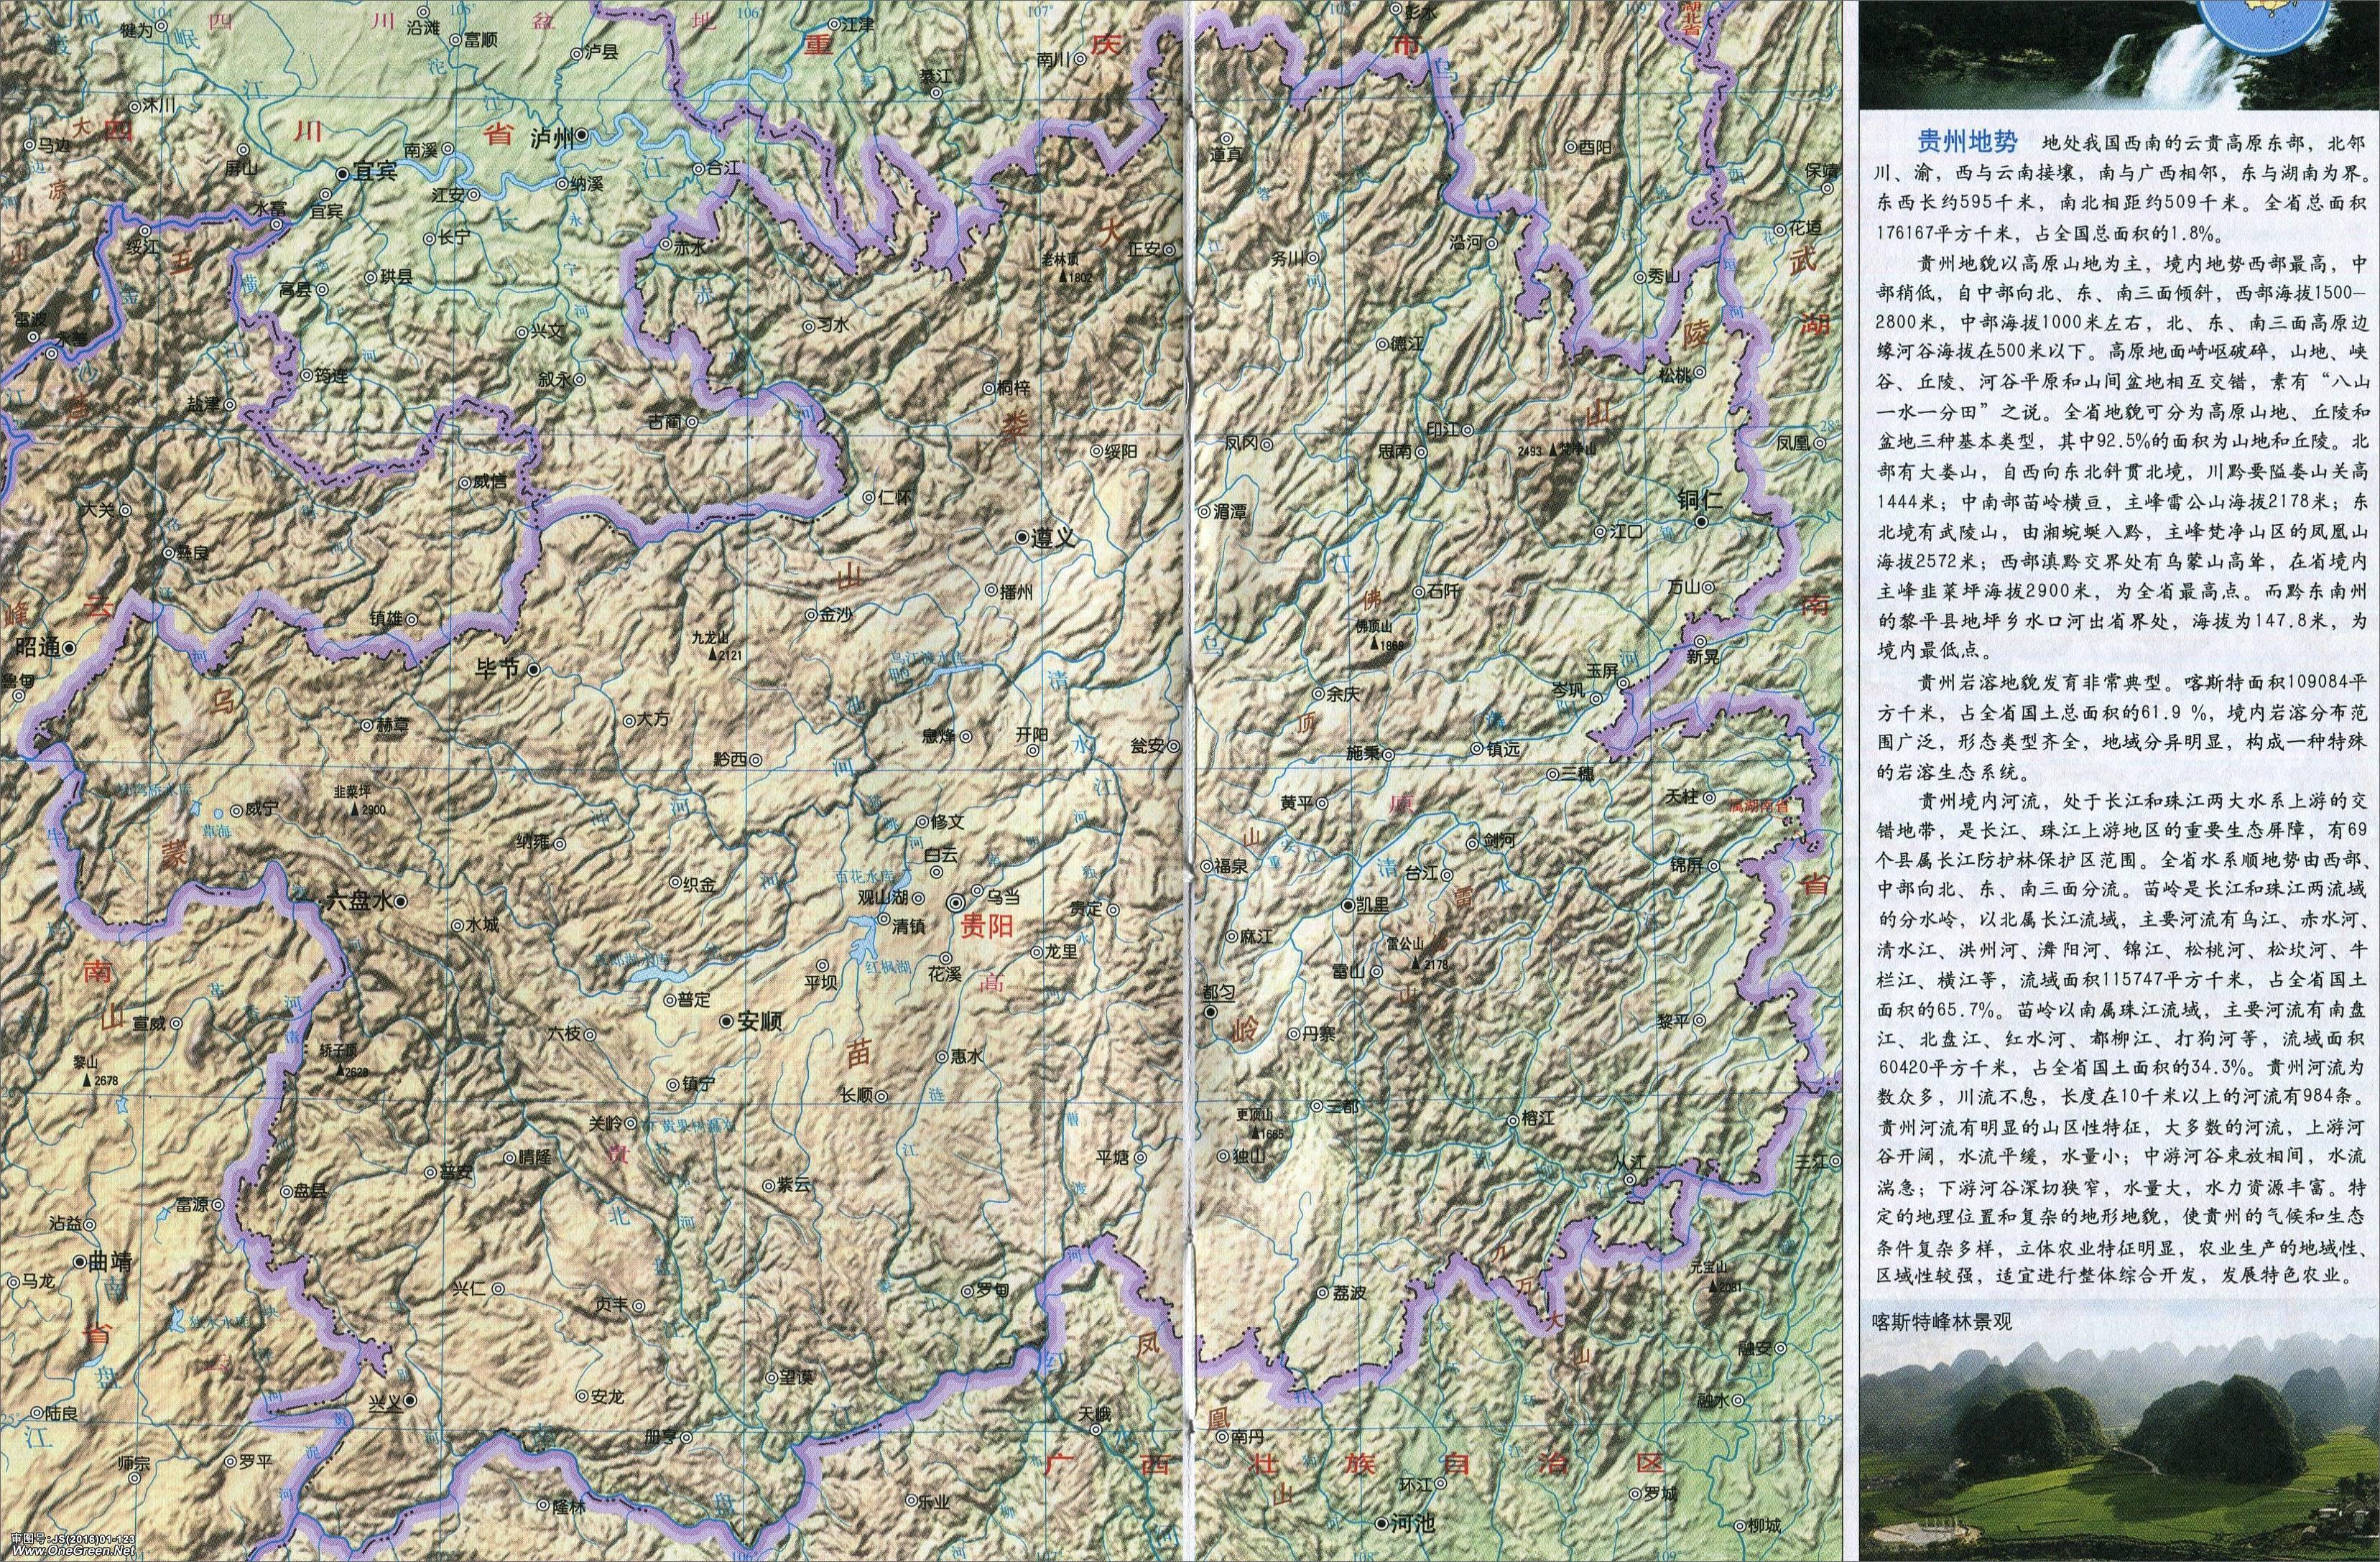 贵州高速公路地图